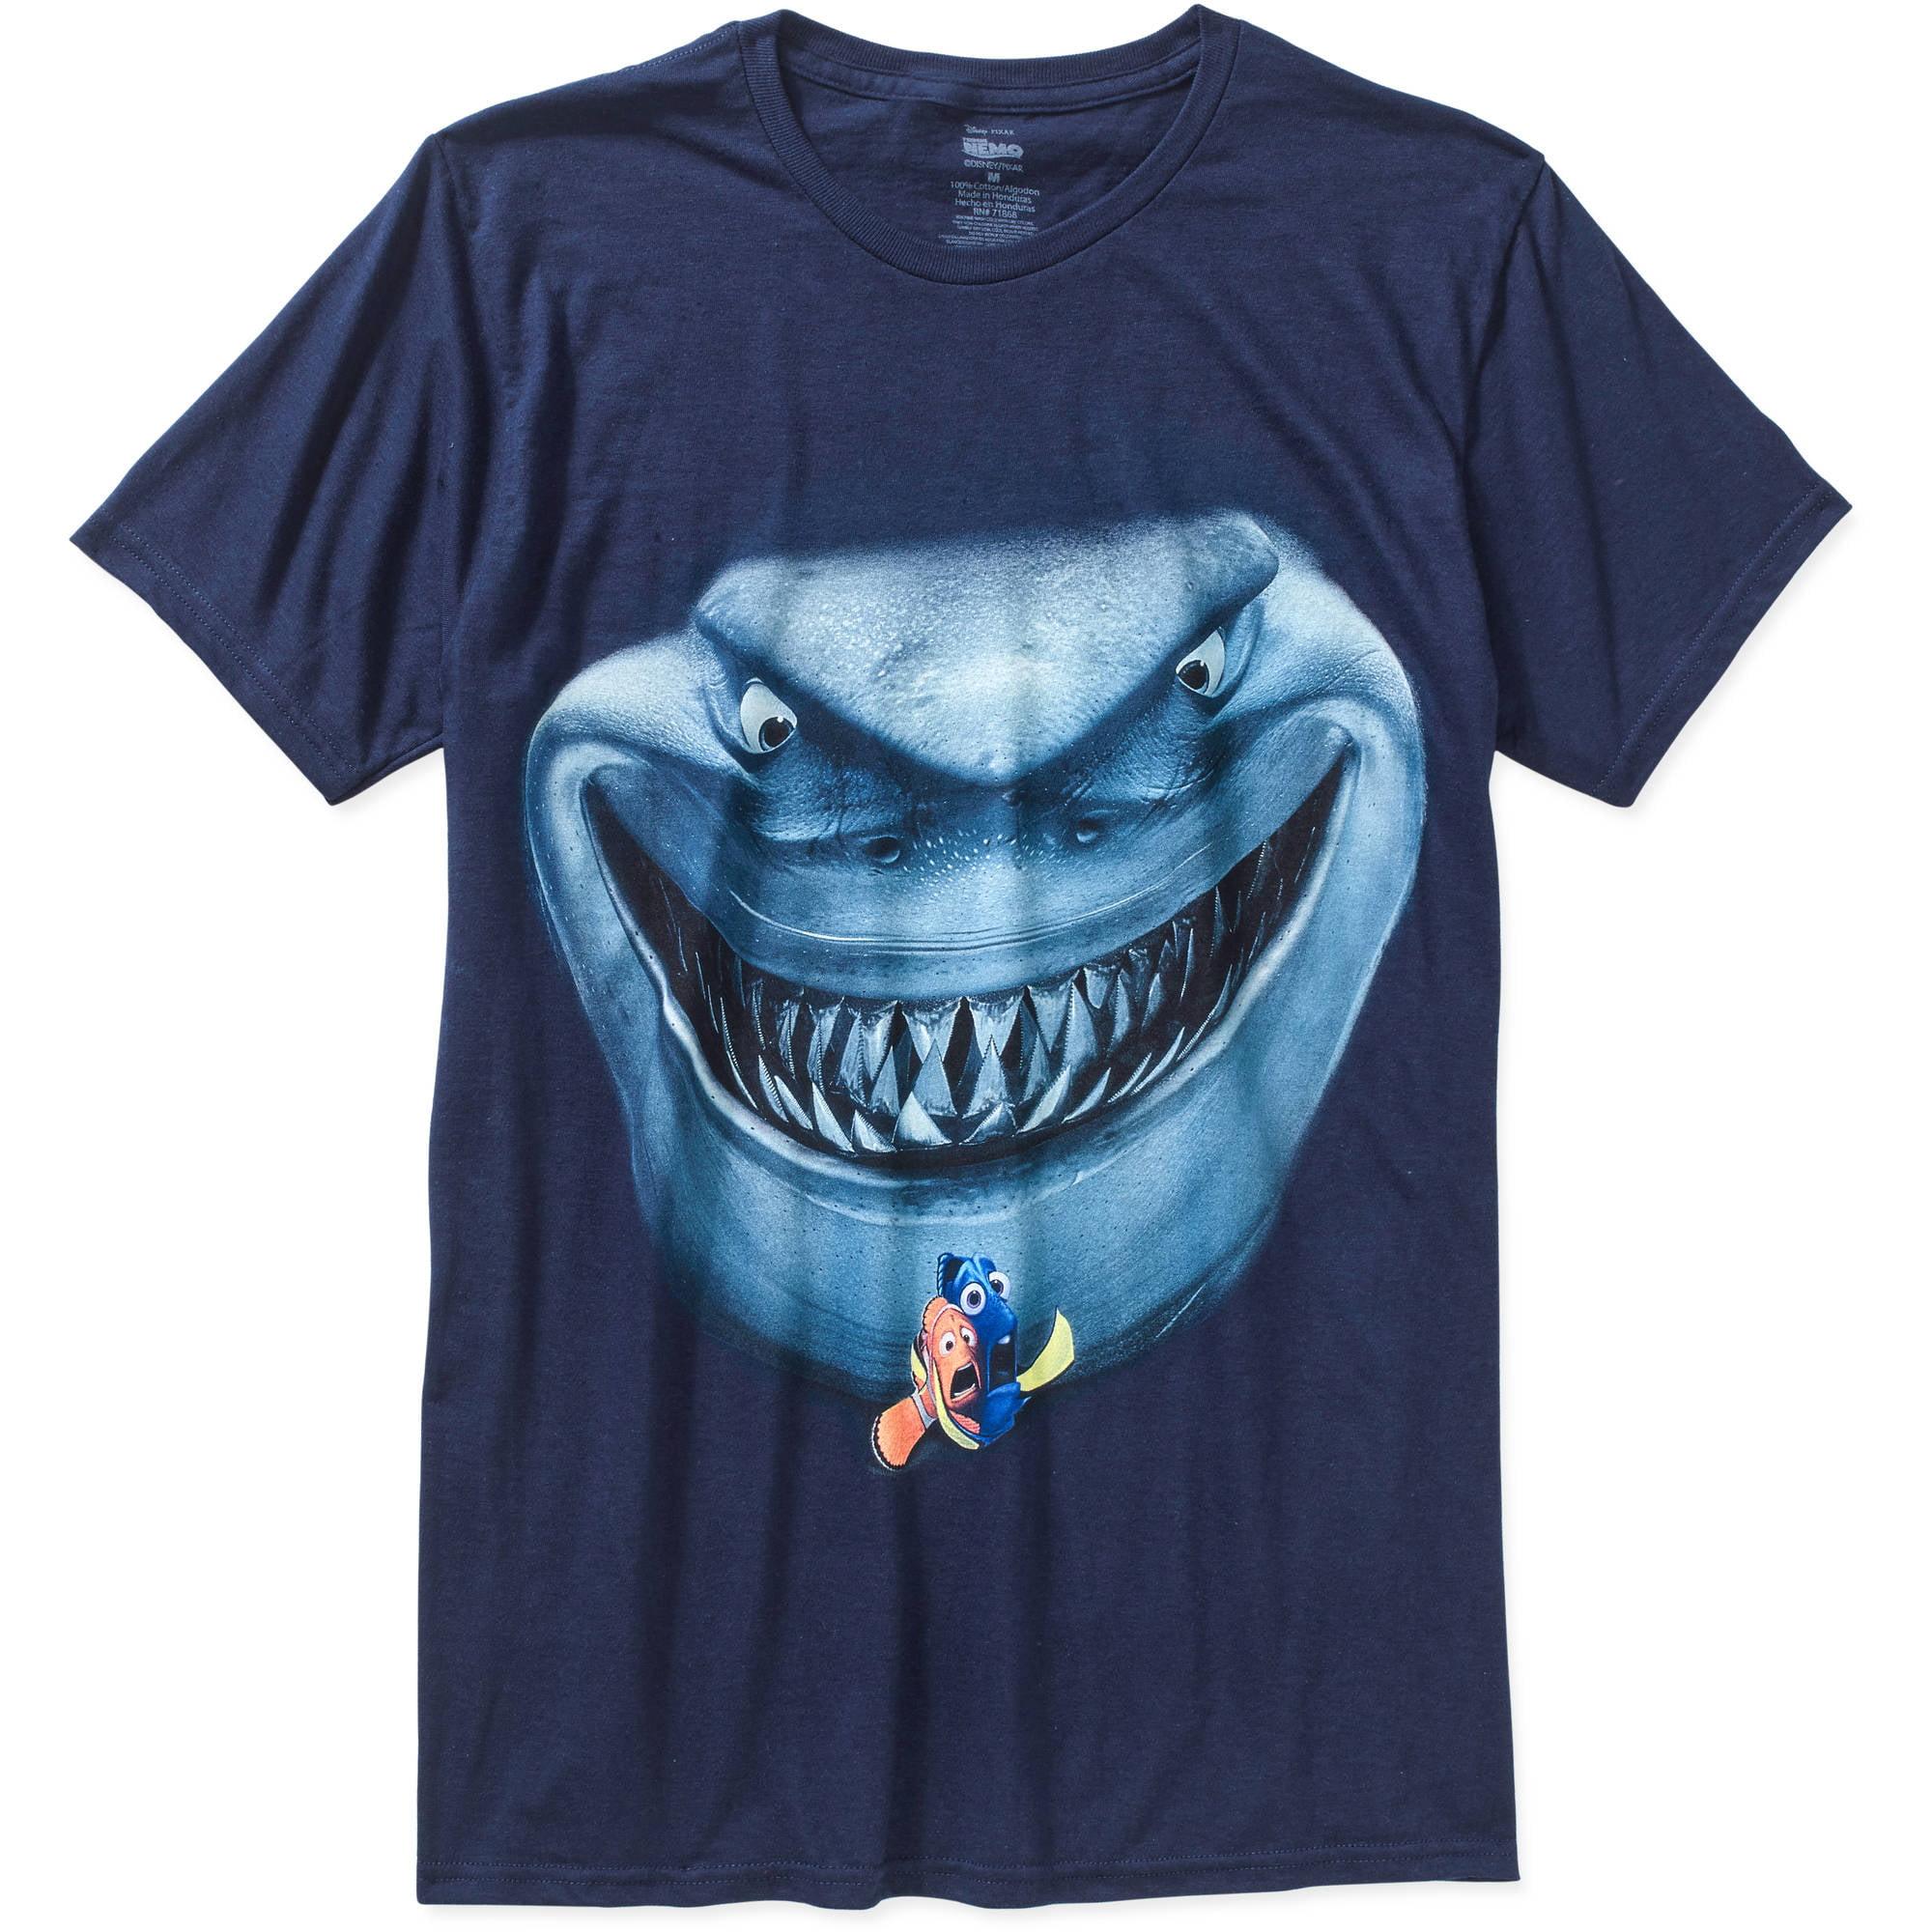 Finding Nemo Big Men's Graphic Tee, 2XL